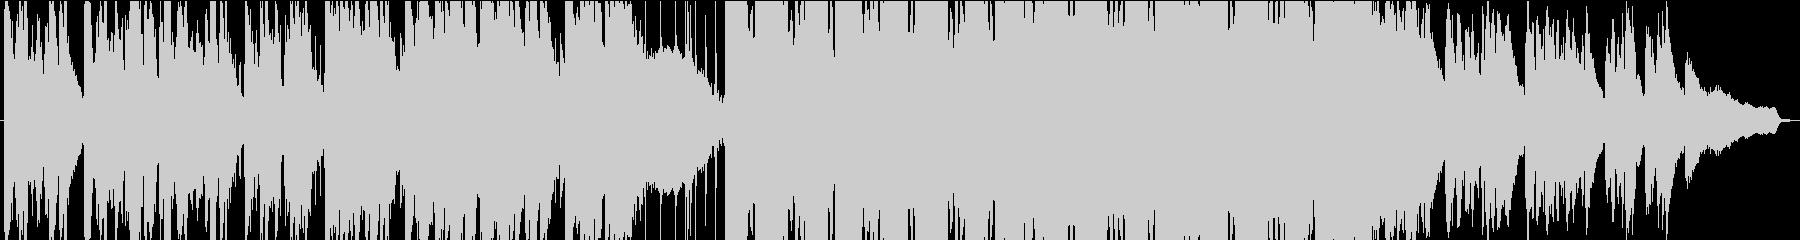 緊張感のあるシーンに、エピックBGMの未再生の波形